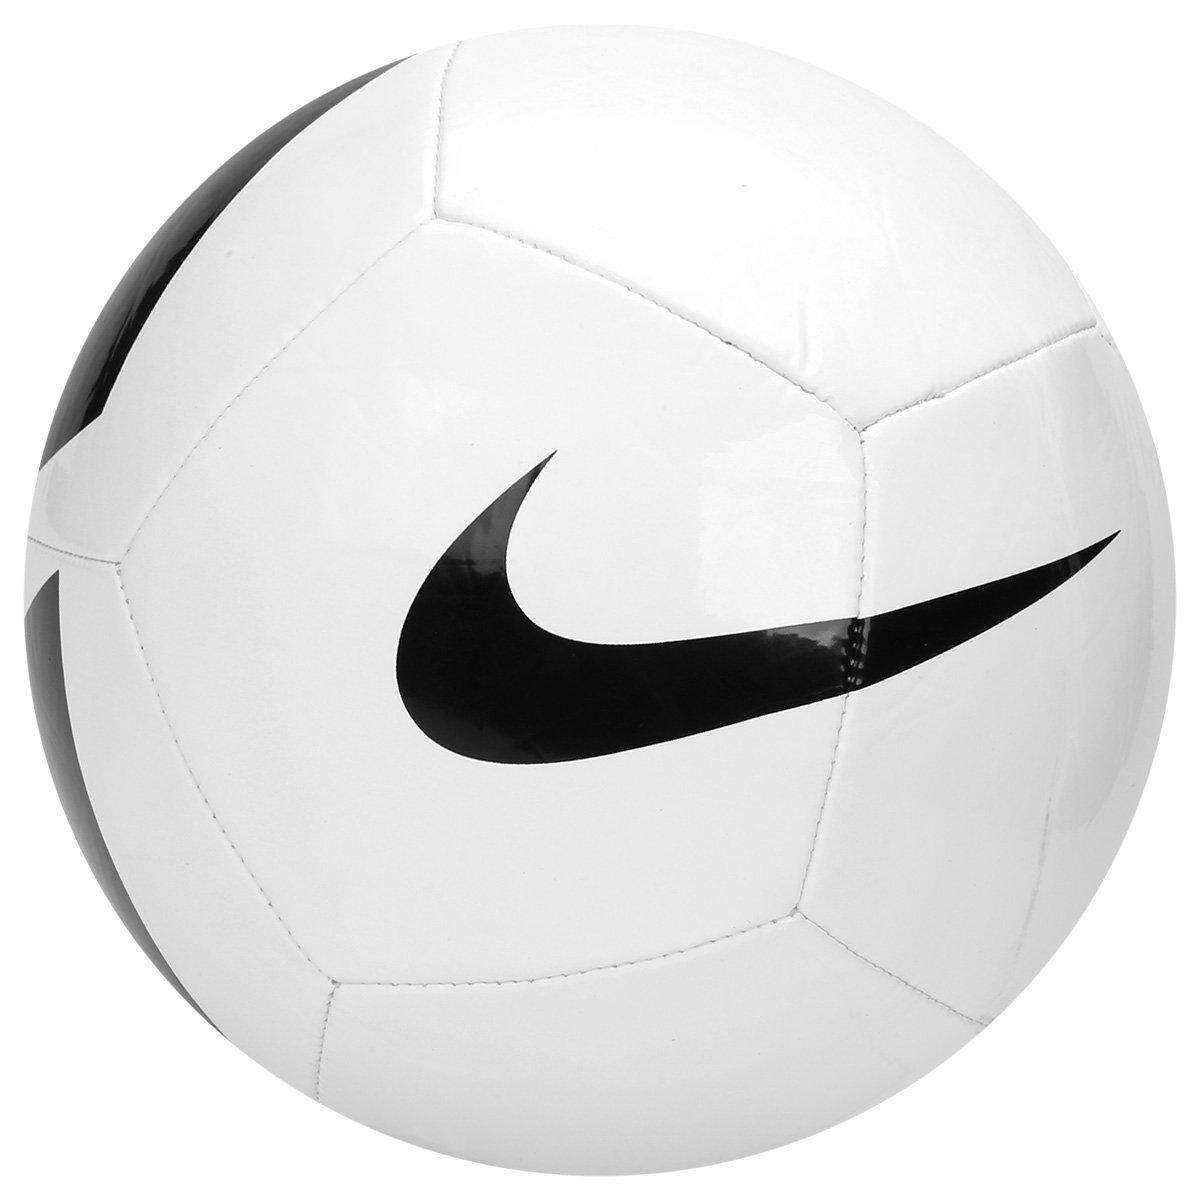 Bola Futebol Campo Nike Pich Team - Branco e Preto - Compre Agora ... 0409156b11495